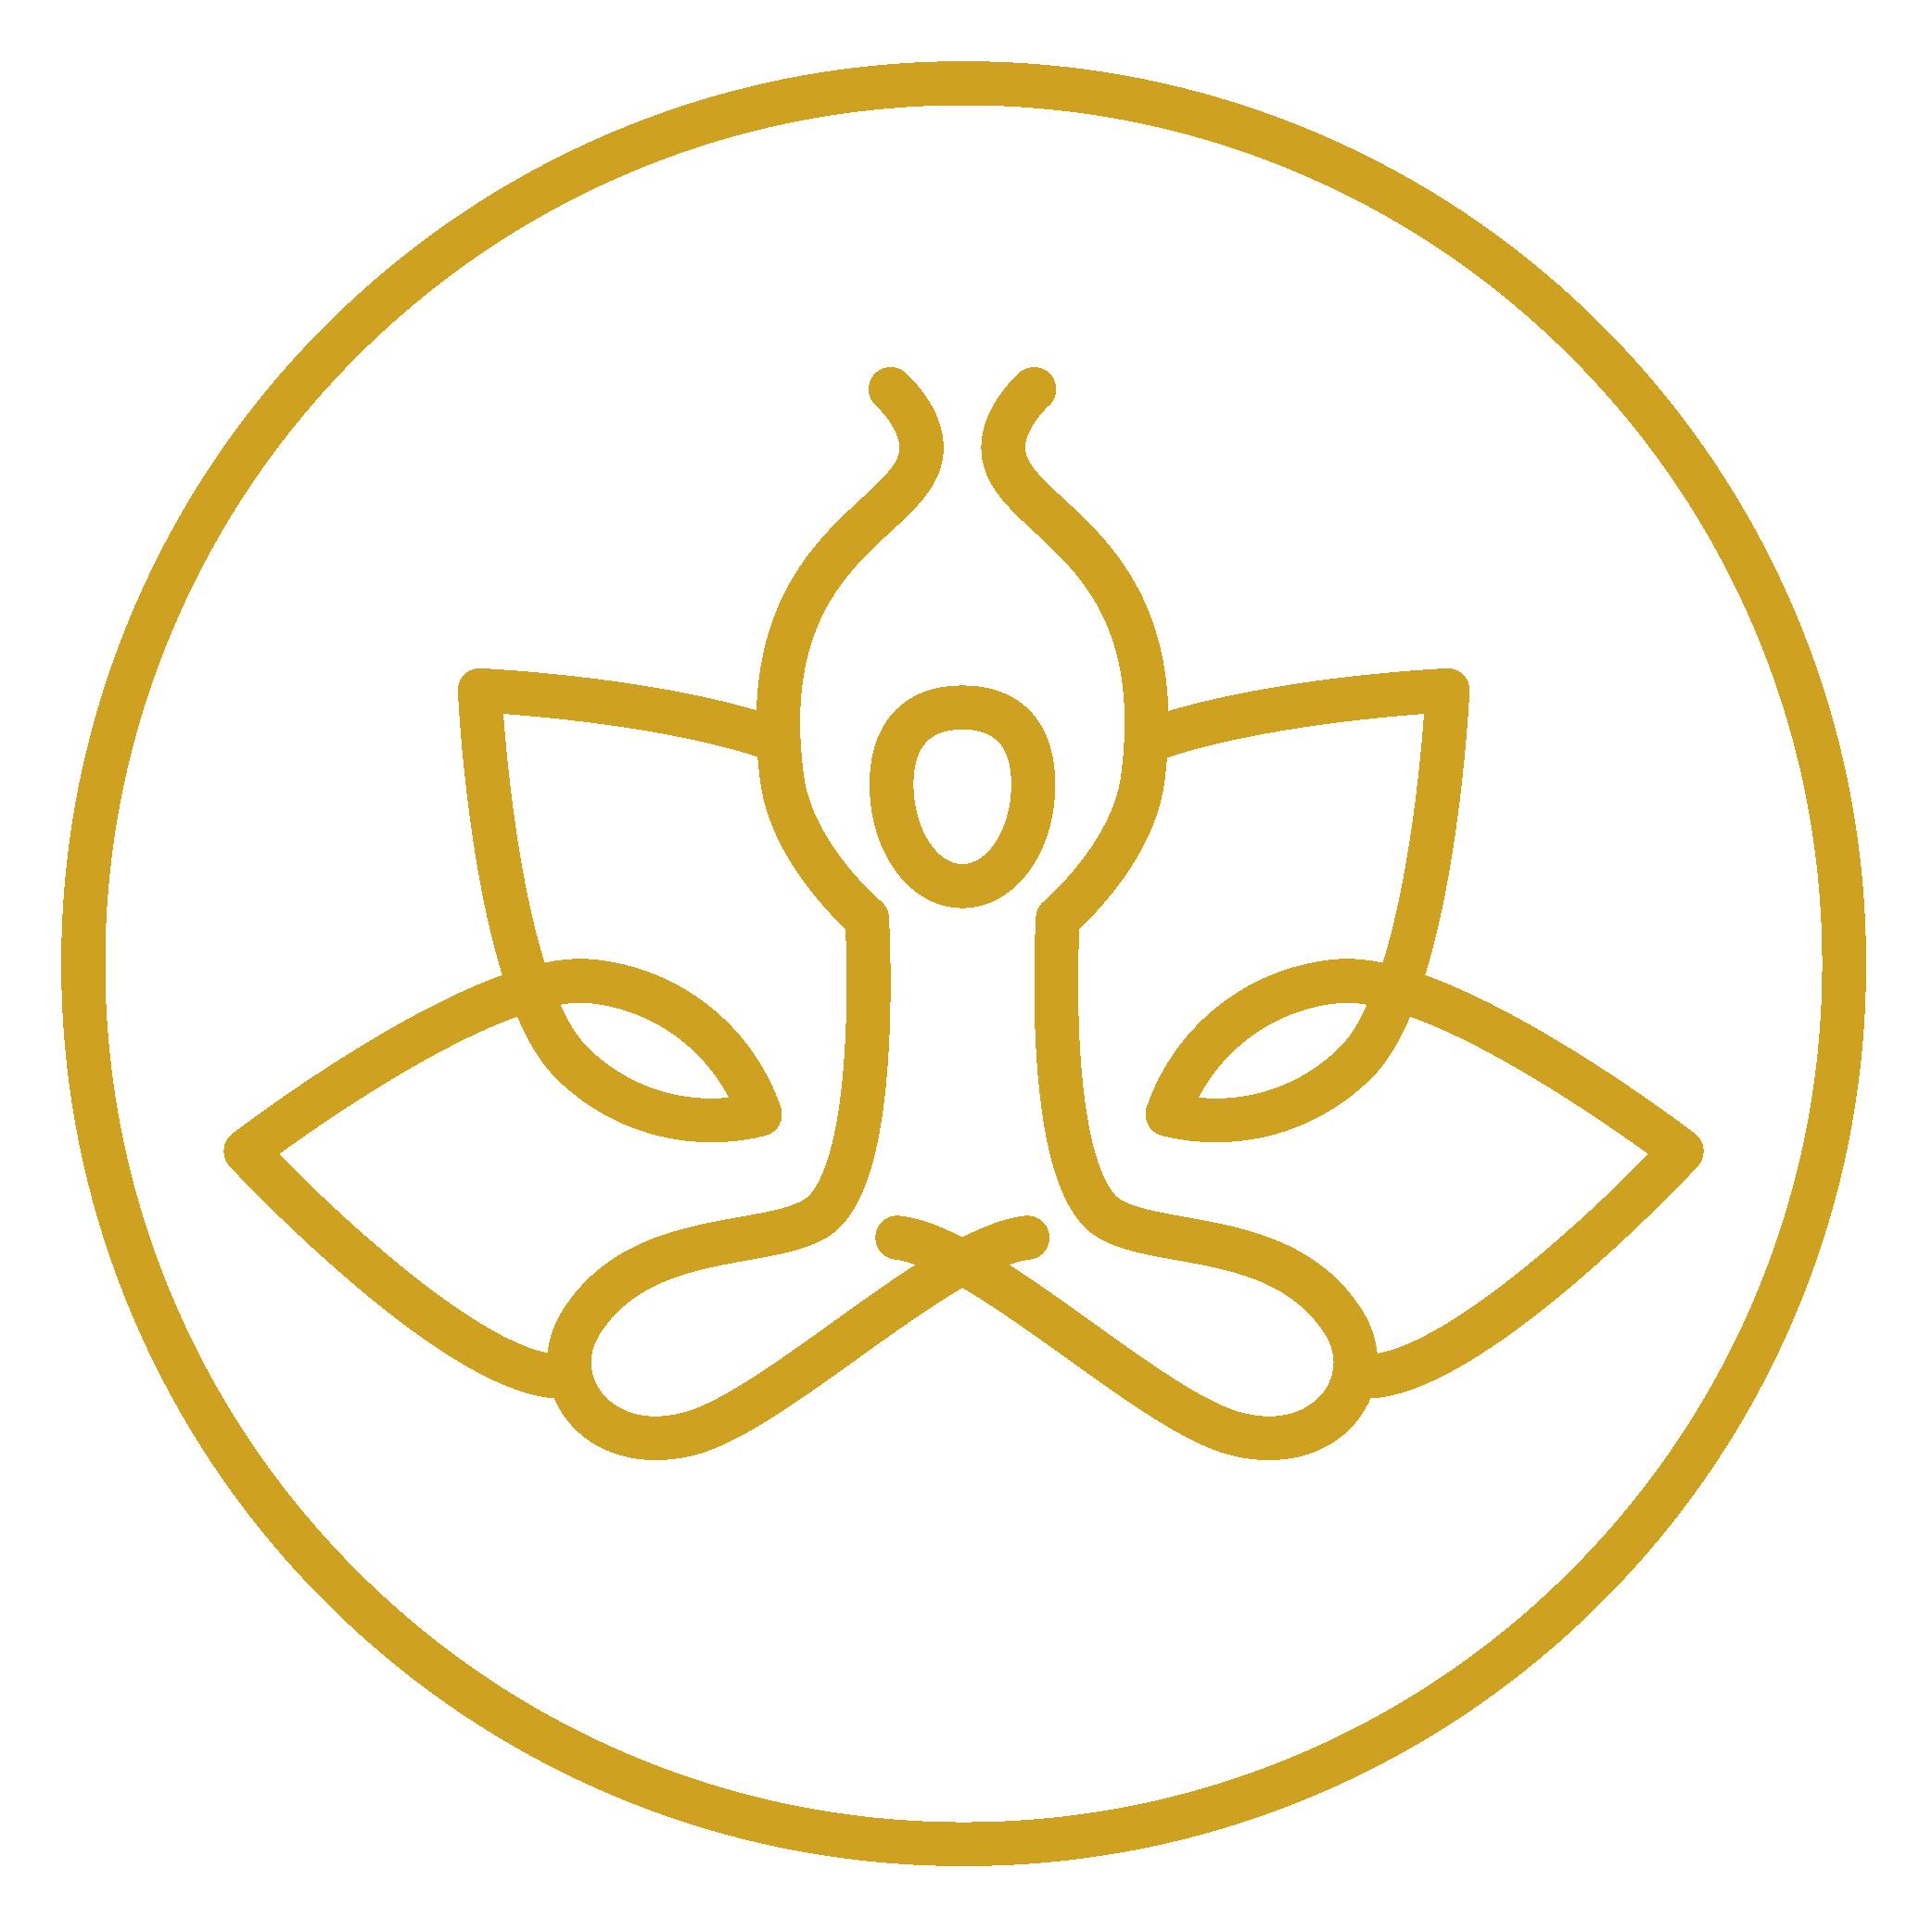 oyos lotus figure